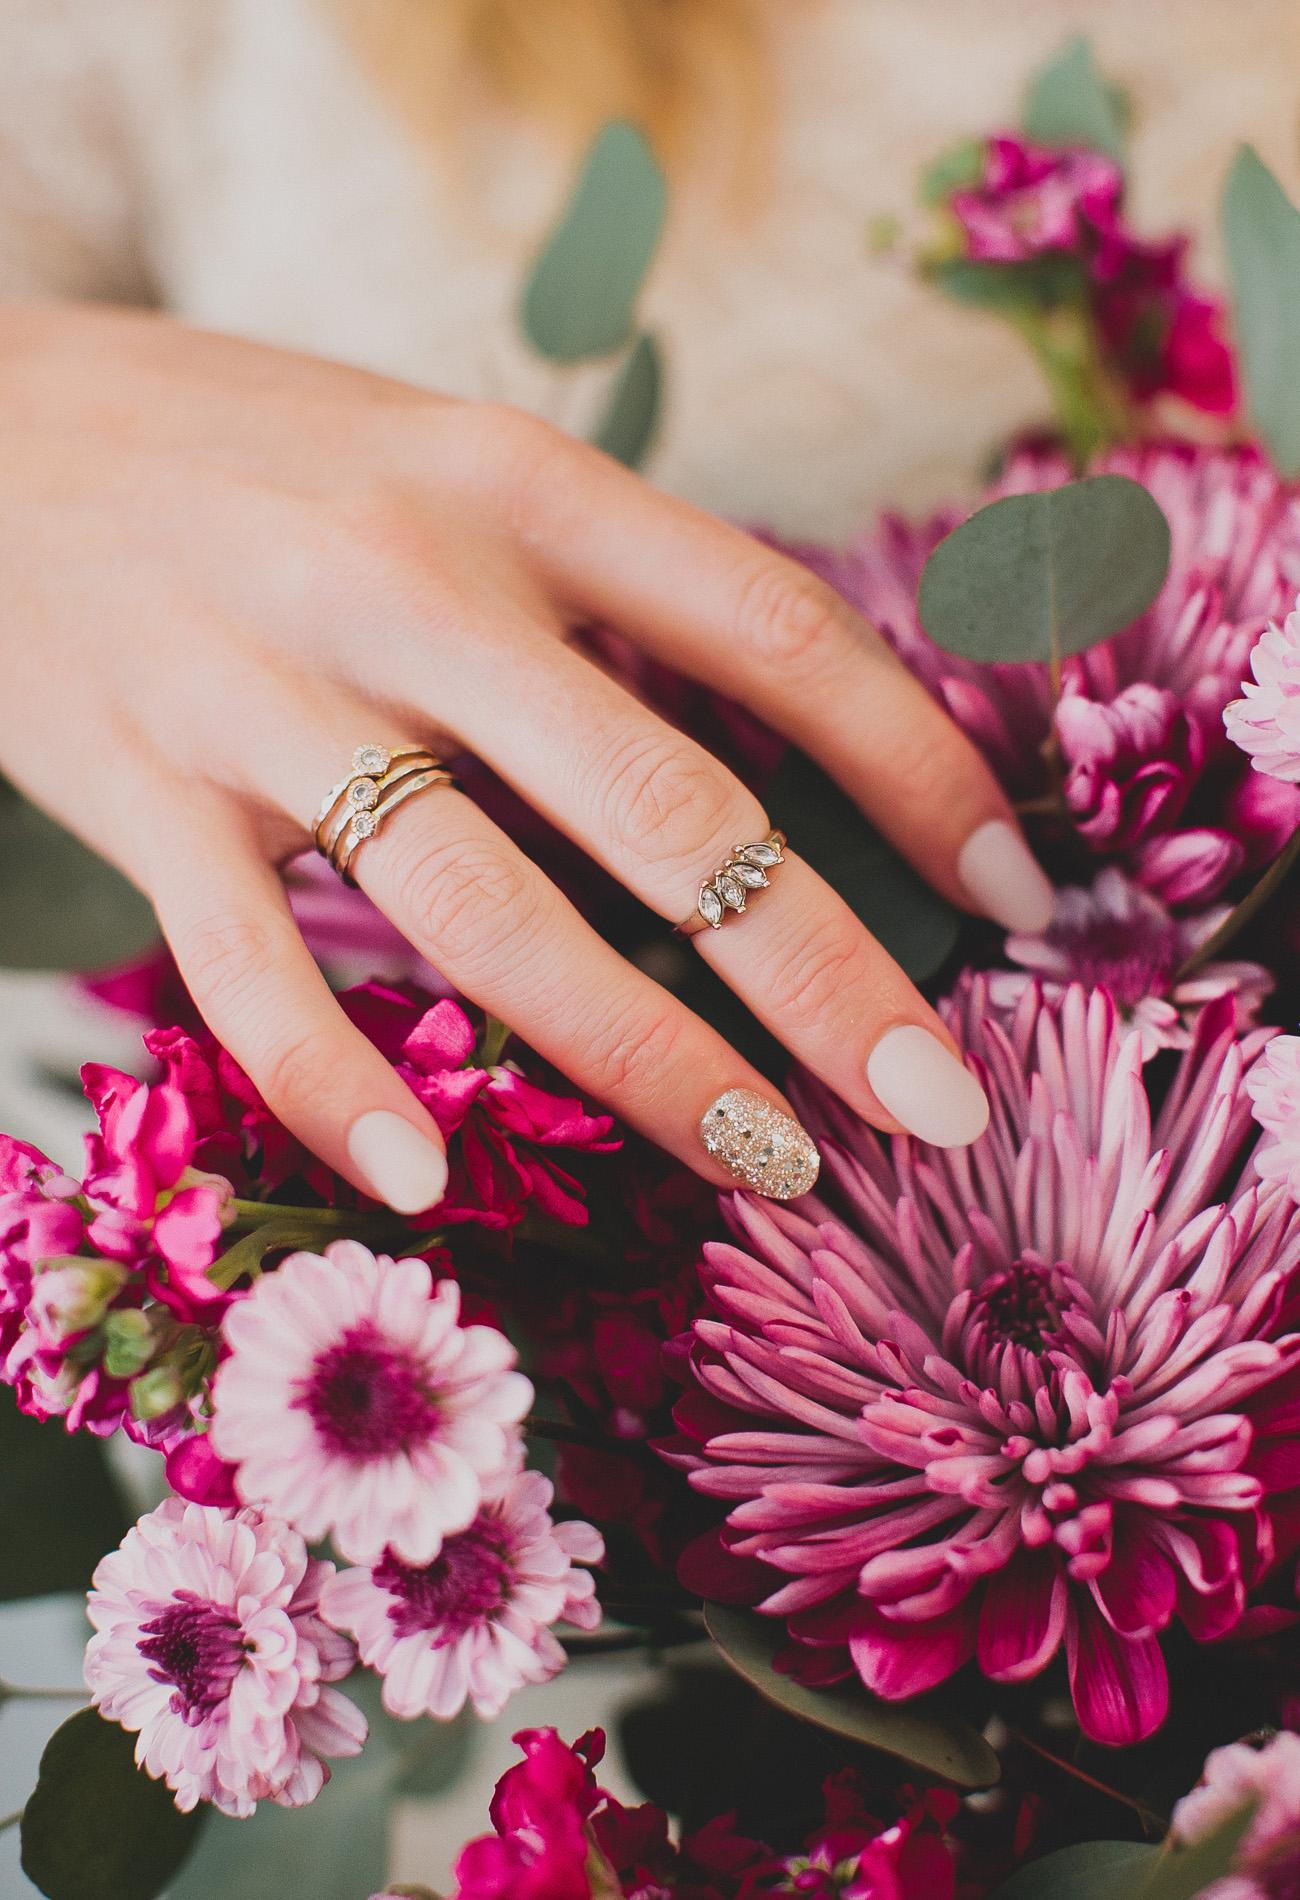 Bruidsnagels met glitters